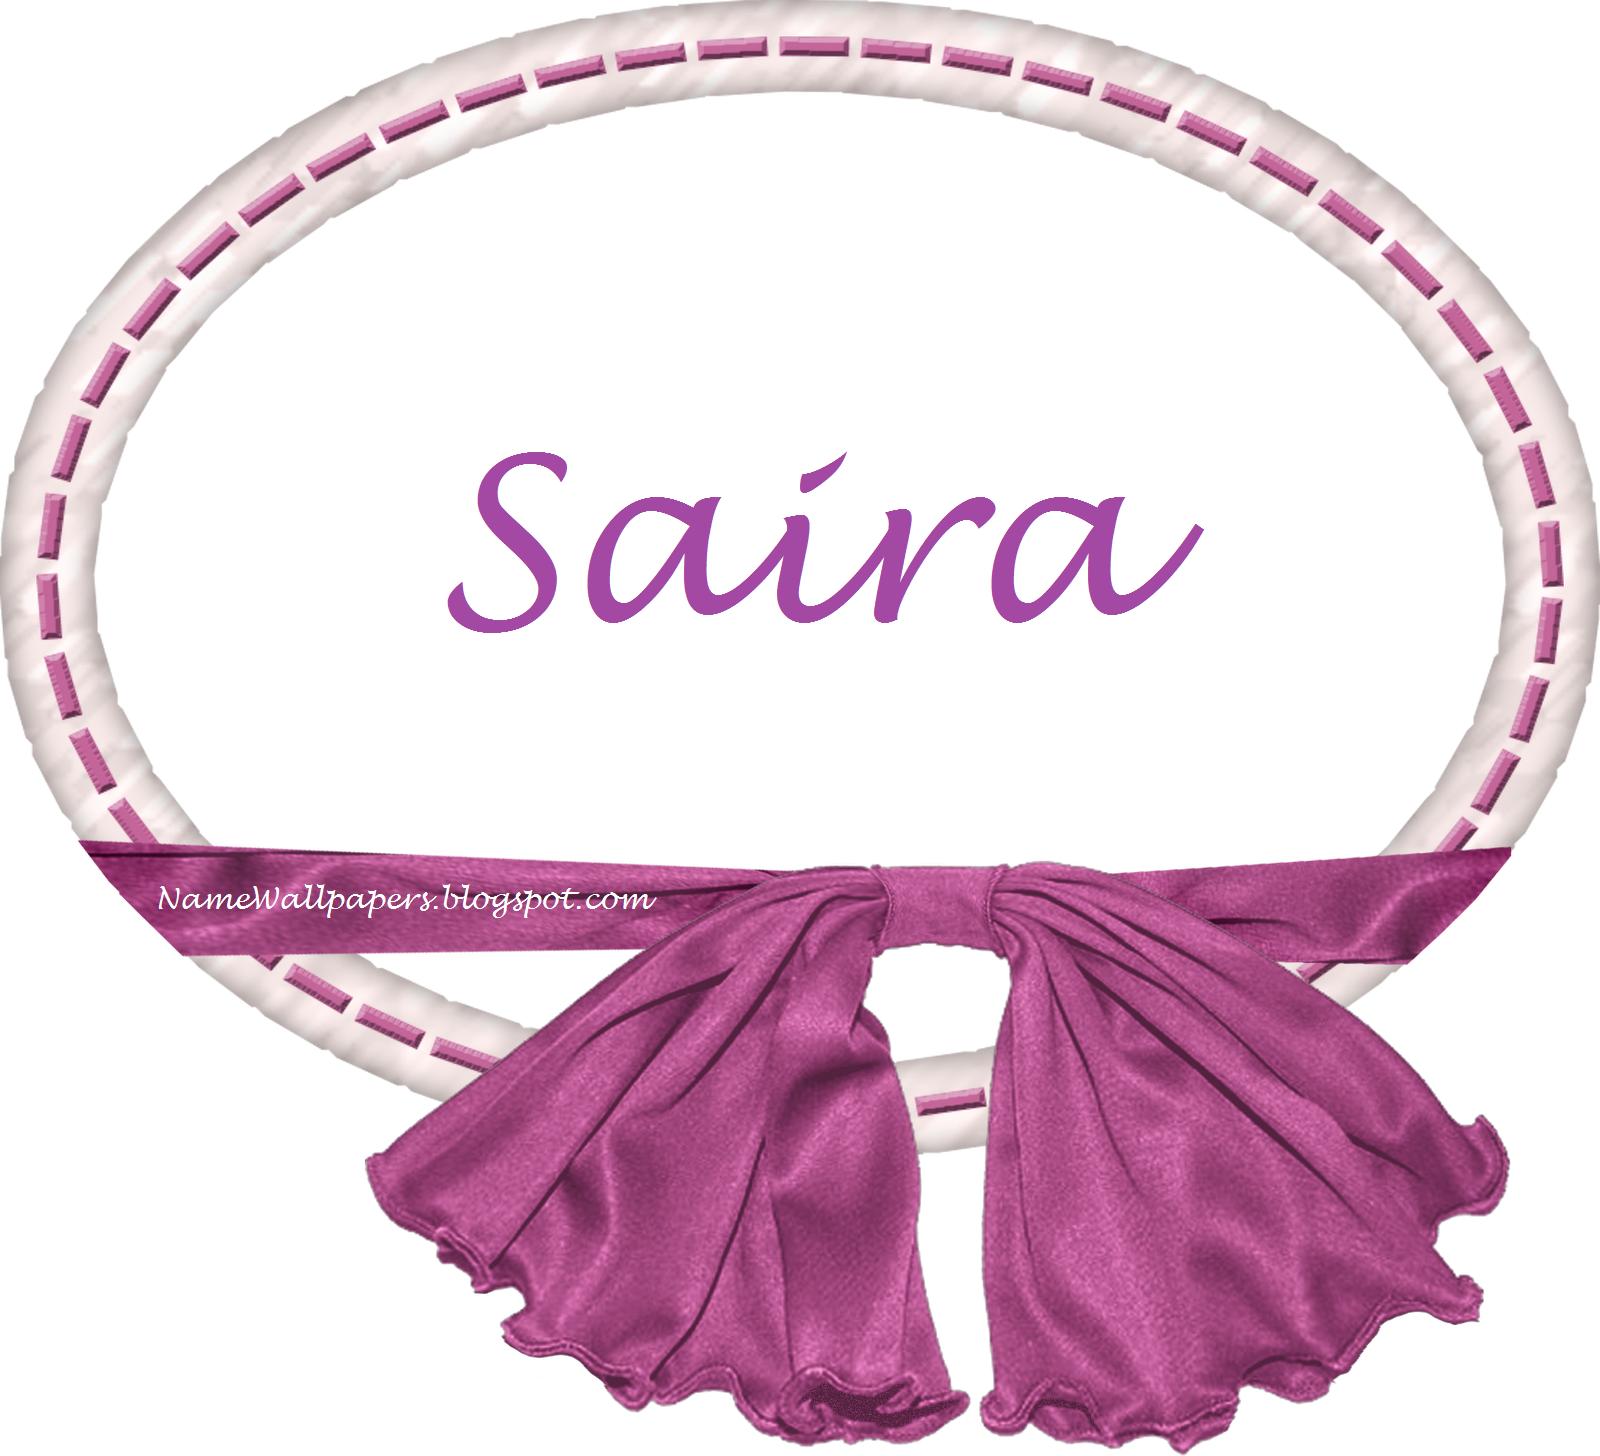 Sara Name Meaning